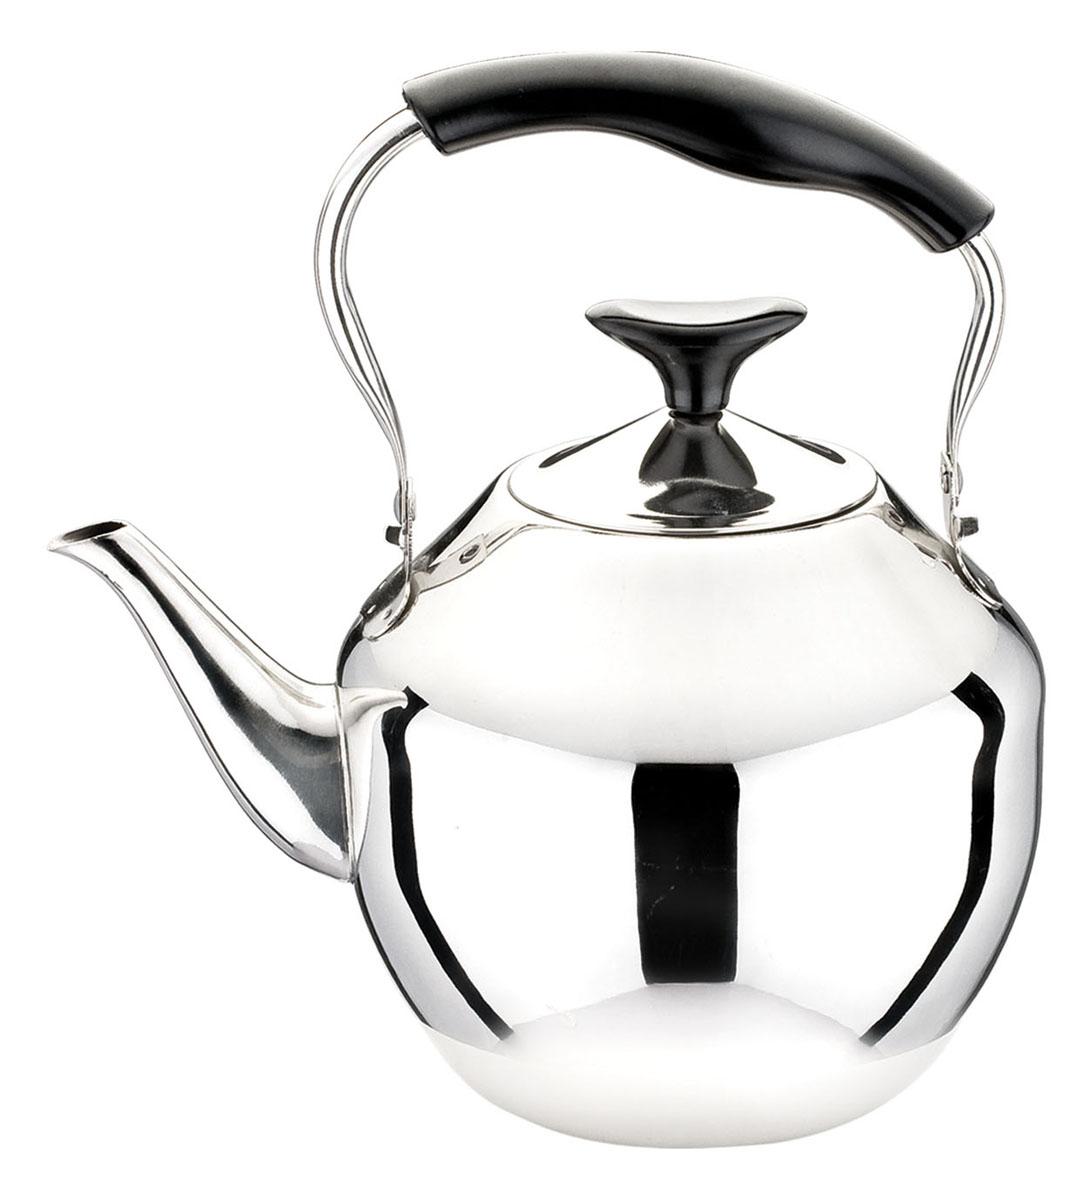 Чайник Bekker Koch, 4 л. BK-S481BK-S481Чайник Bekker Koch изготовлен из высококачественной нержавеющей стали с зеркальной полировкой. Цельнометаллическое дно распределяет тепло по всей поверхности, что позволяет чайнику быстро закипать. Эргономичная подвижная ручка выполнена из нержавеющей стали и бакелита черного цвета. Широкое отверстие по верхнему краю позволяет удобно наливать воду. Подходит для всех типов плит, включая индукционные. Можно мыть в посудомоечной машине.